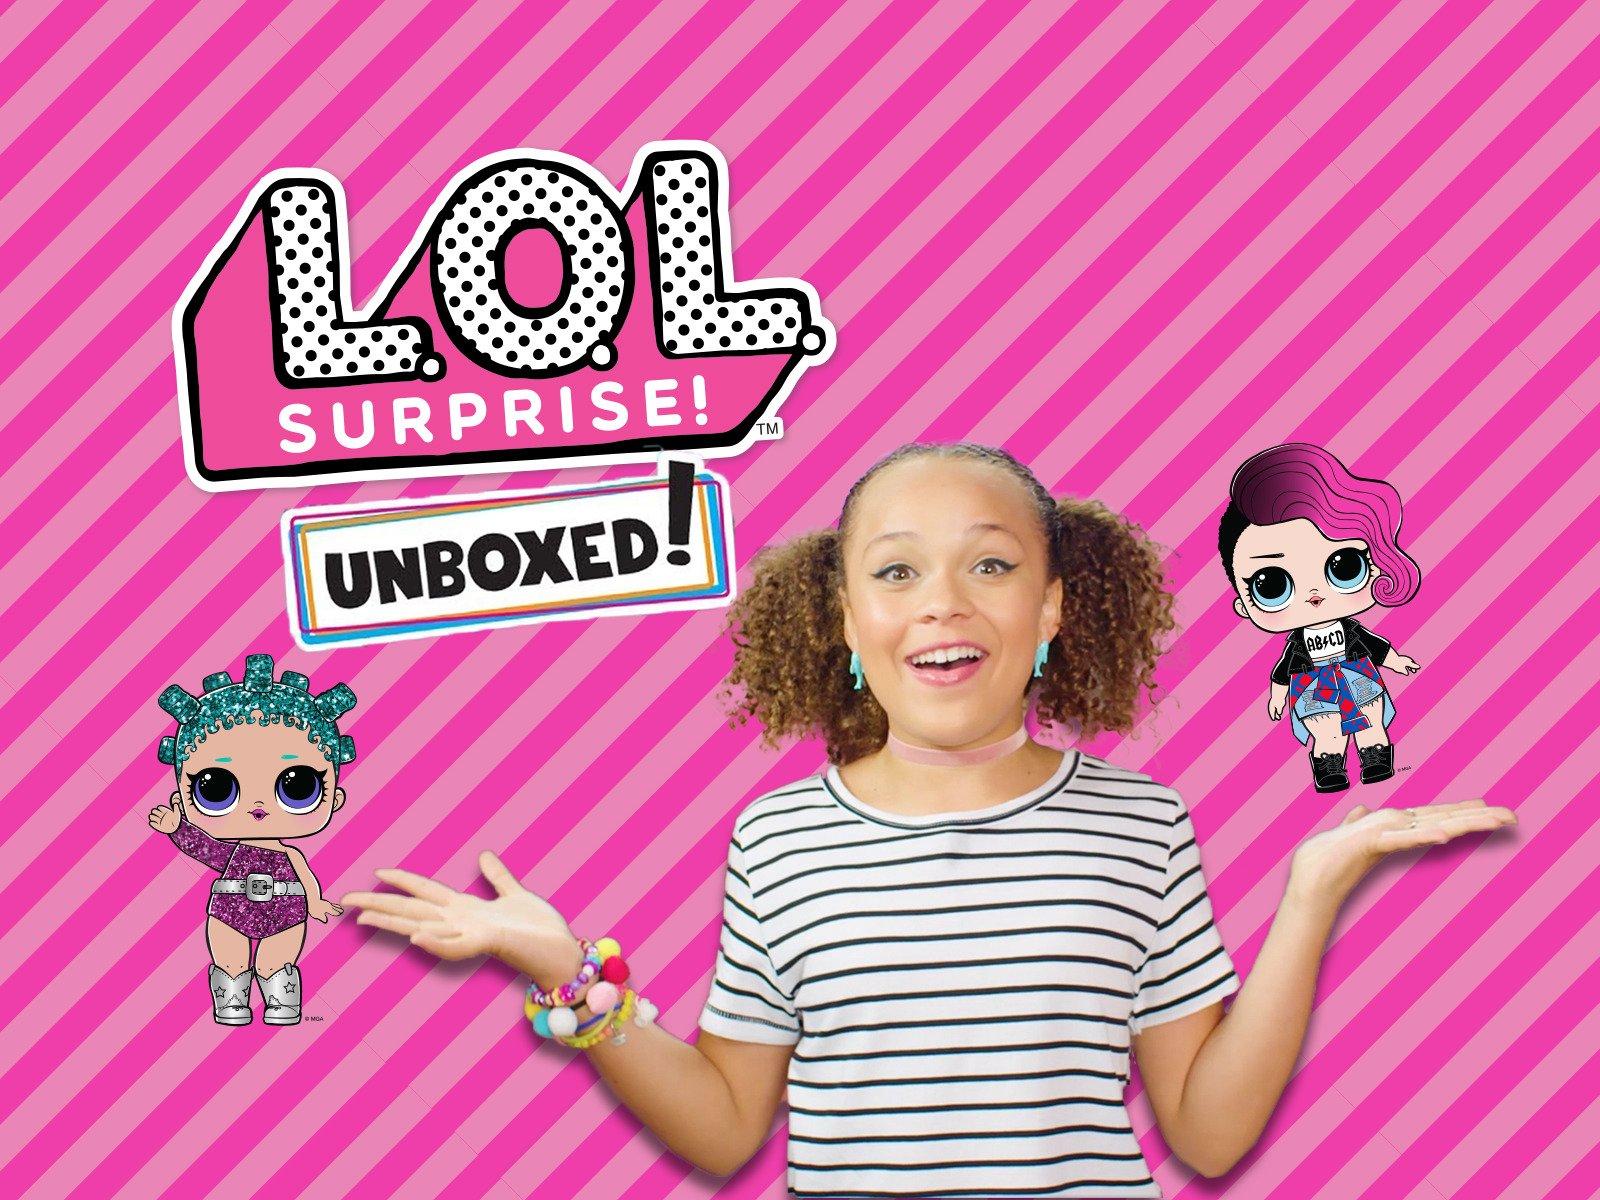 L.O.L. Surprise! Unboxed! - Season 1